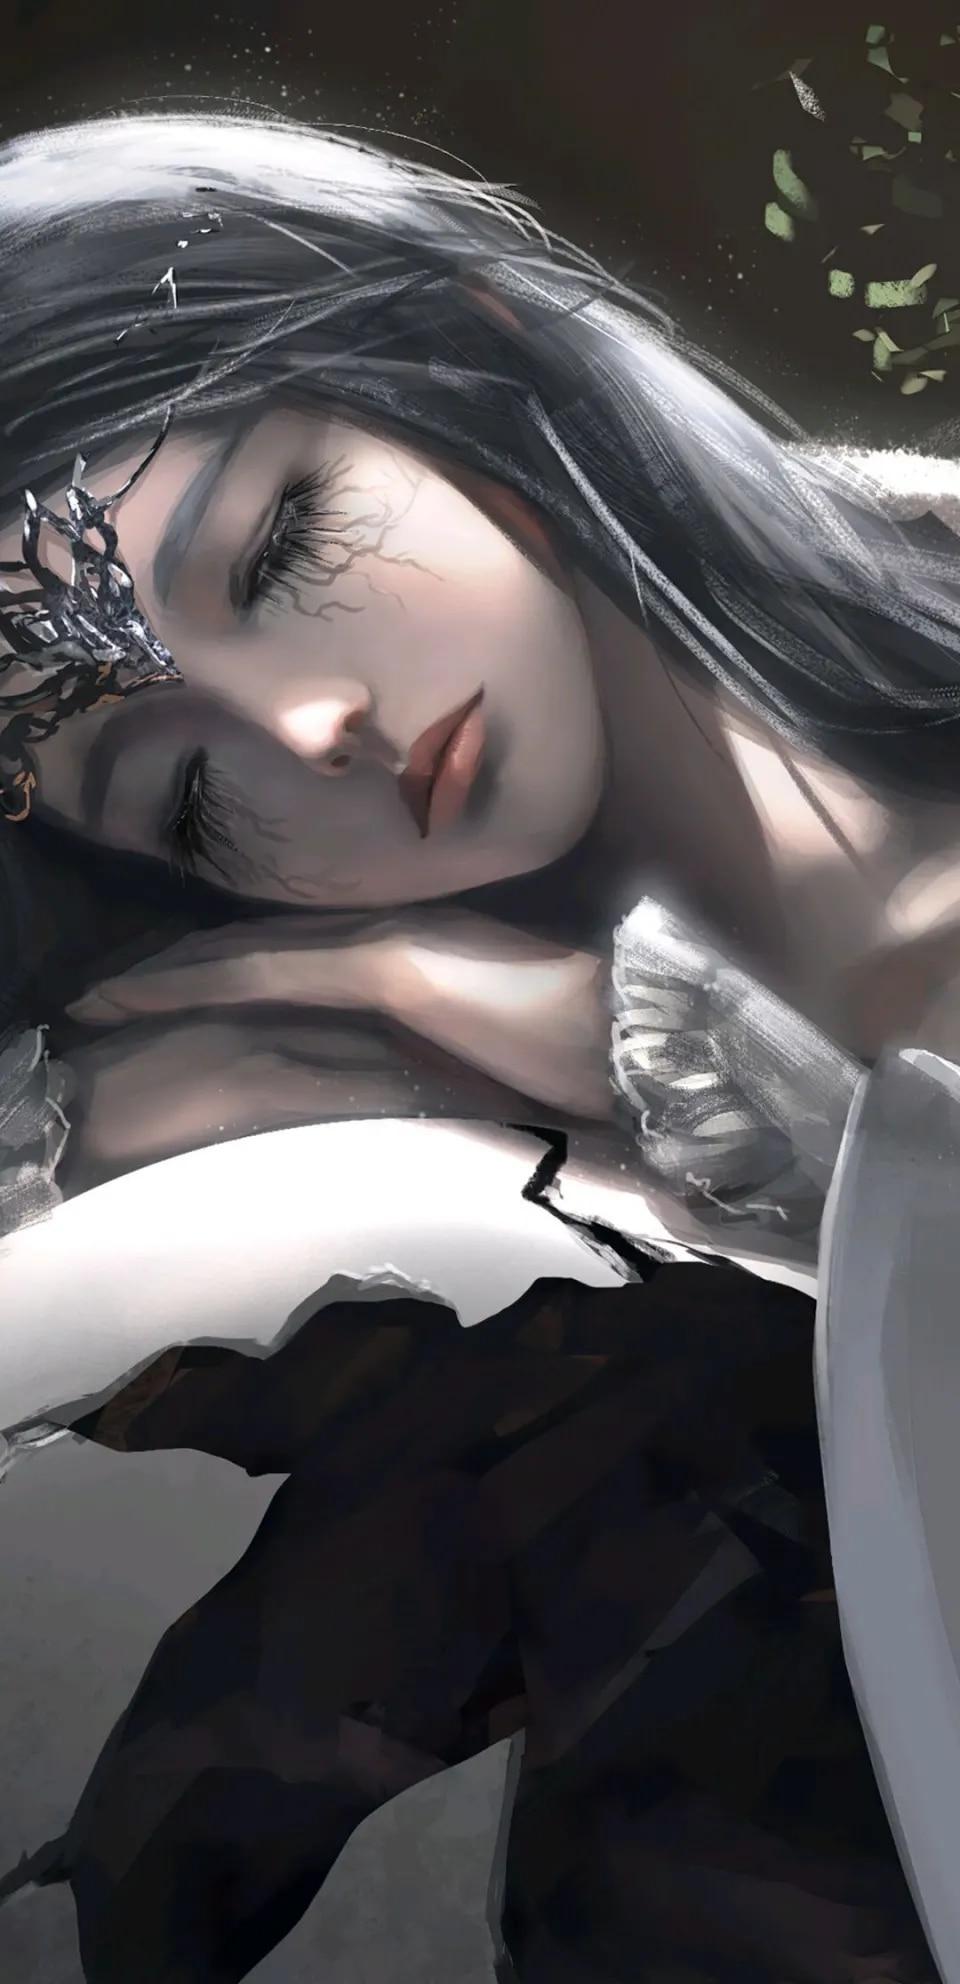 《小王子》如果你驯服我,那么我们就需要彼此了